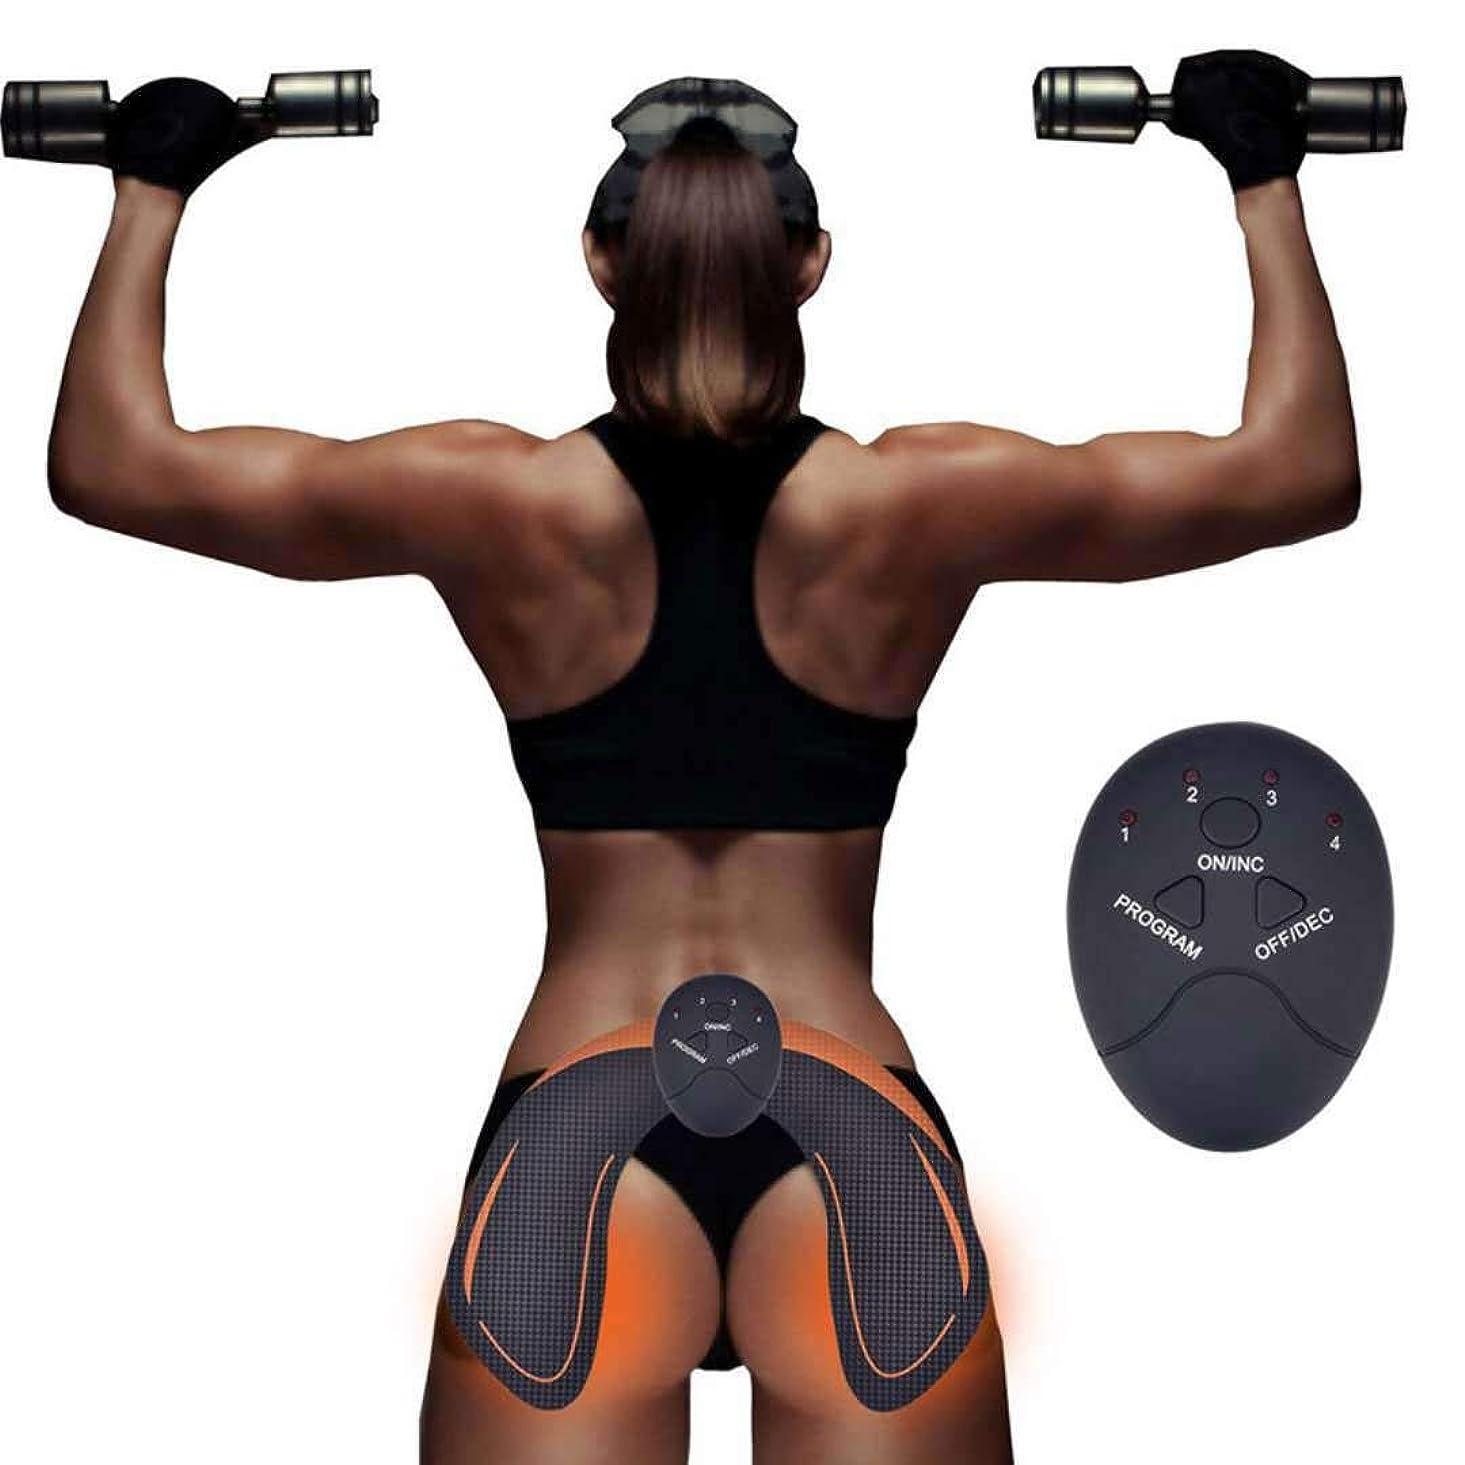 ナイロン従うハンサムヒップEMS筋肉刺激装置、電子裏面筋肉トナー、男性女性用スマートウェアラブル臀部トナートレーナー、pygal痩身マシン (Size : Color box)